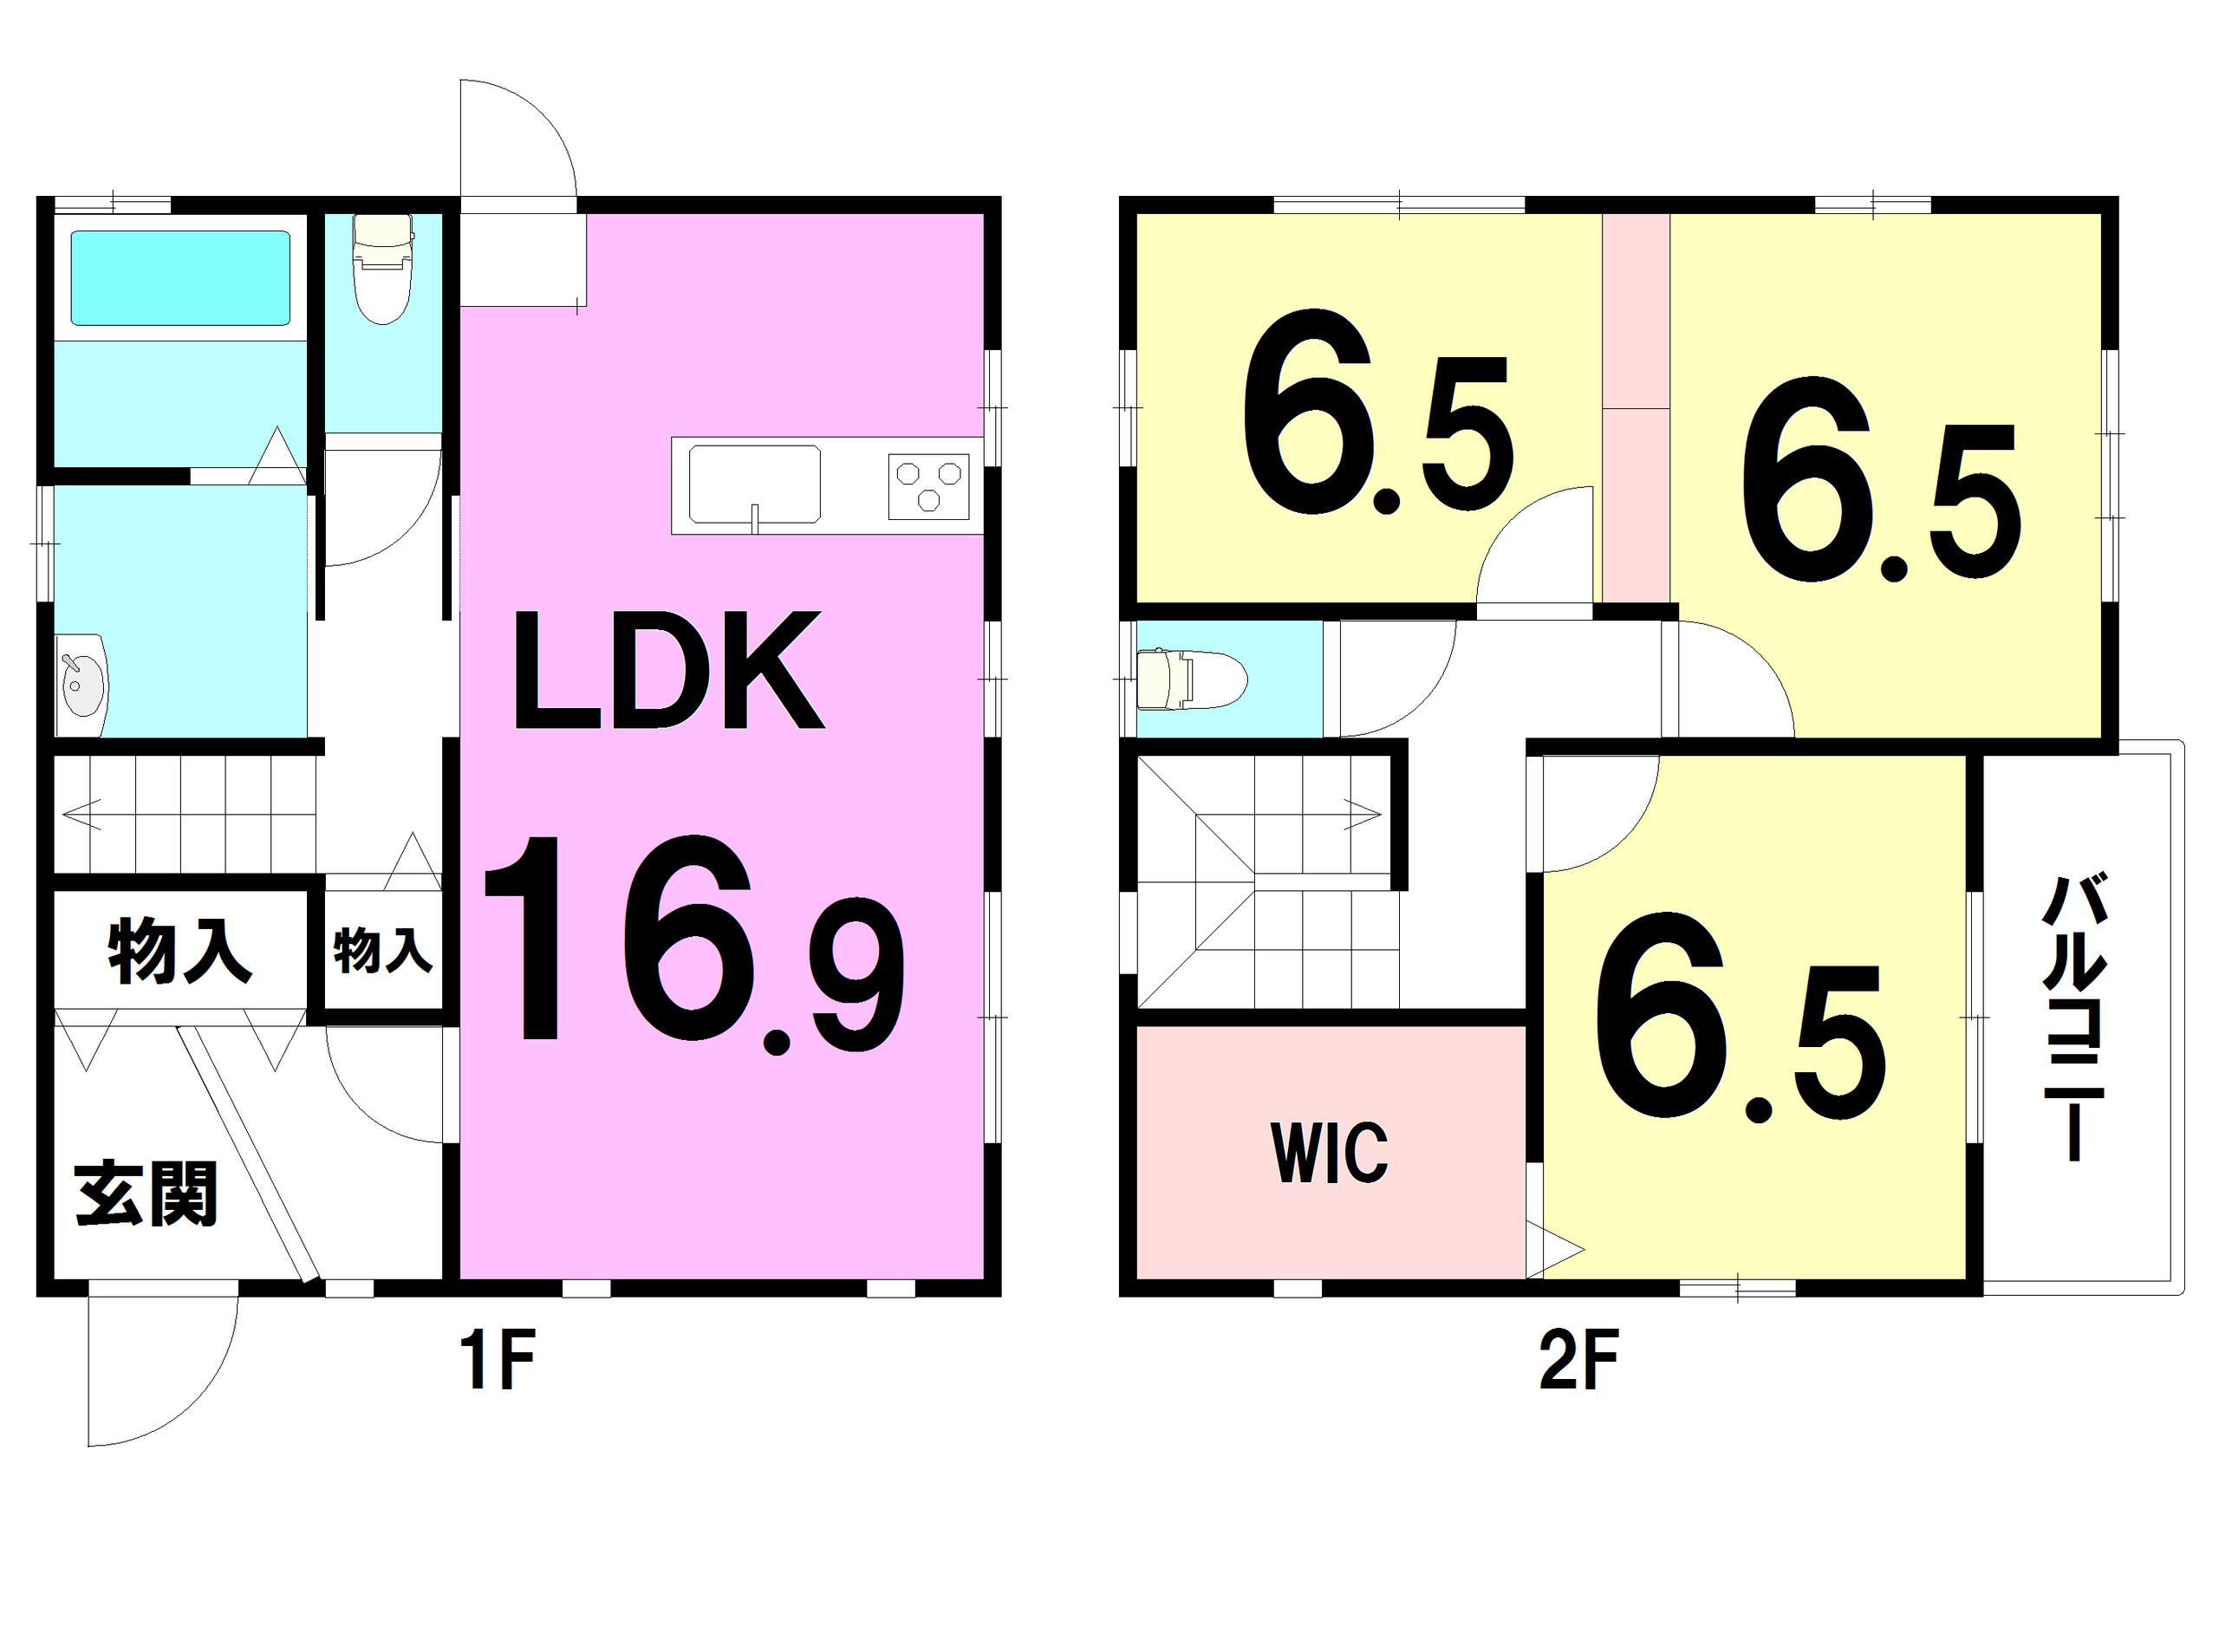 【間取り】 1F:16.9LDK 2F:6.5洋 6.5洋 6.5洋 WIC